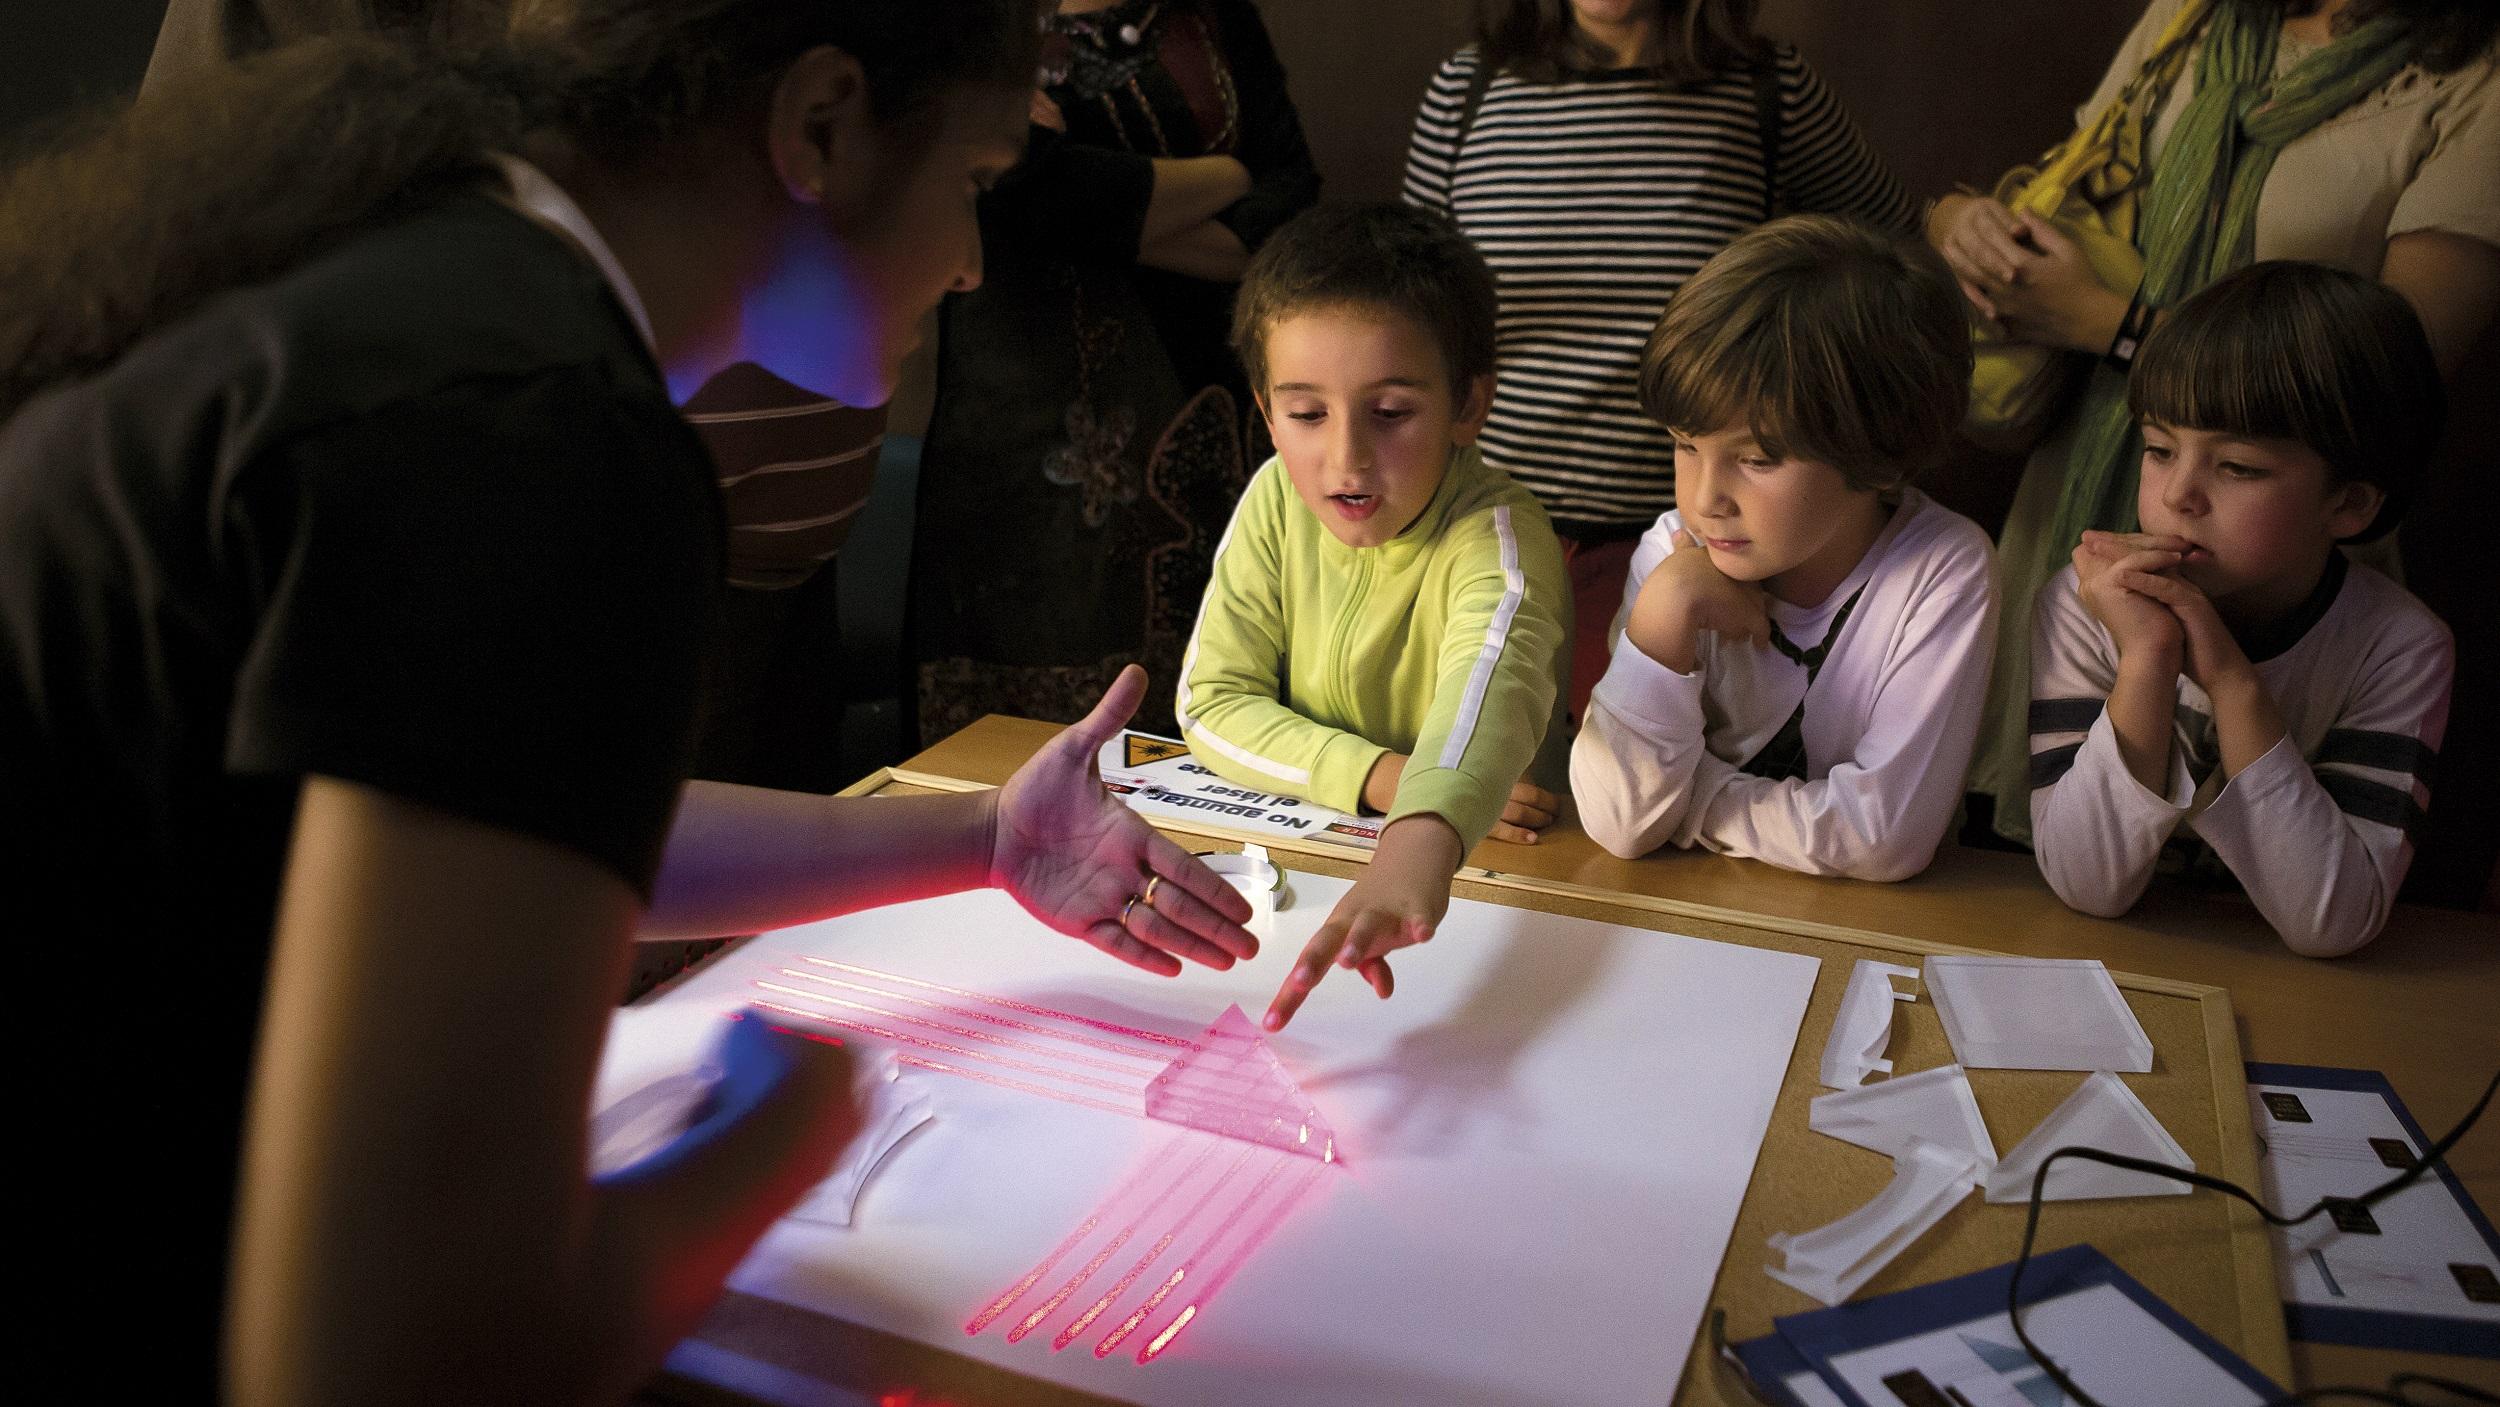 Una científica del CSIC impartiendo el taller de divulgación 'Descubriendo la luz' en el marco del proyecto Ciudad Ciencia. / CSIC